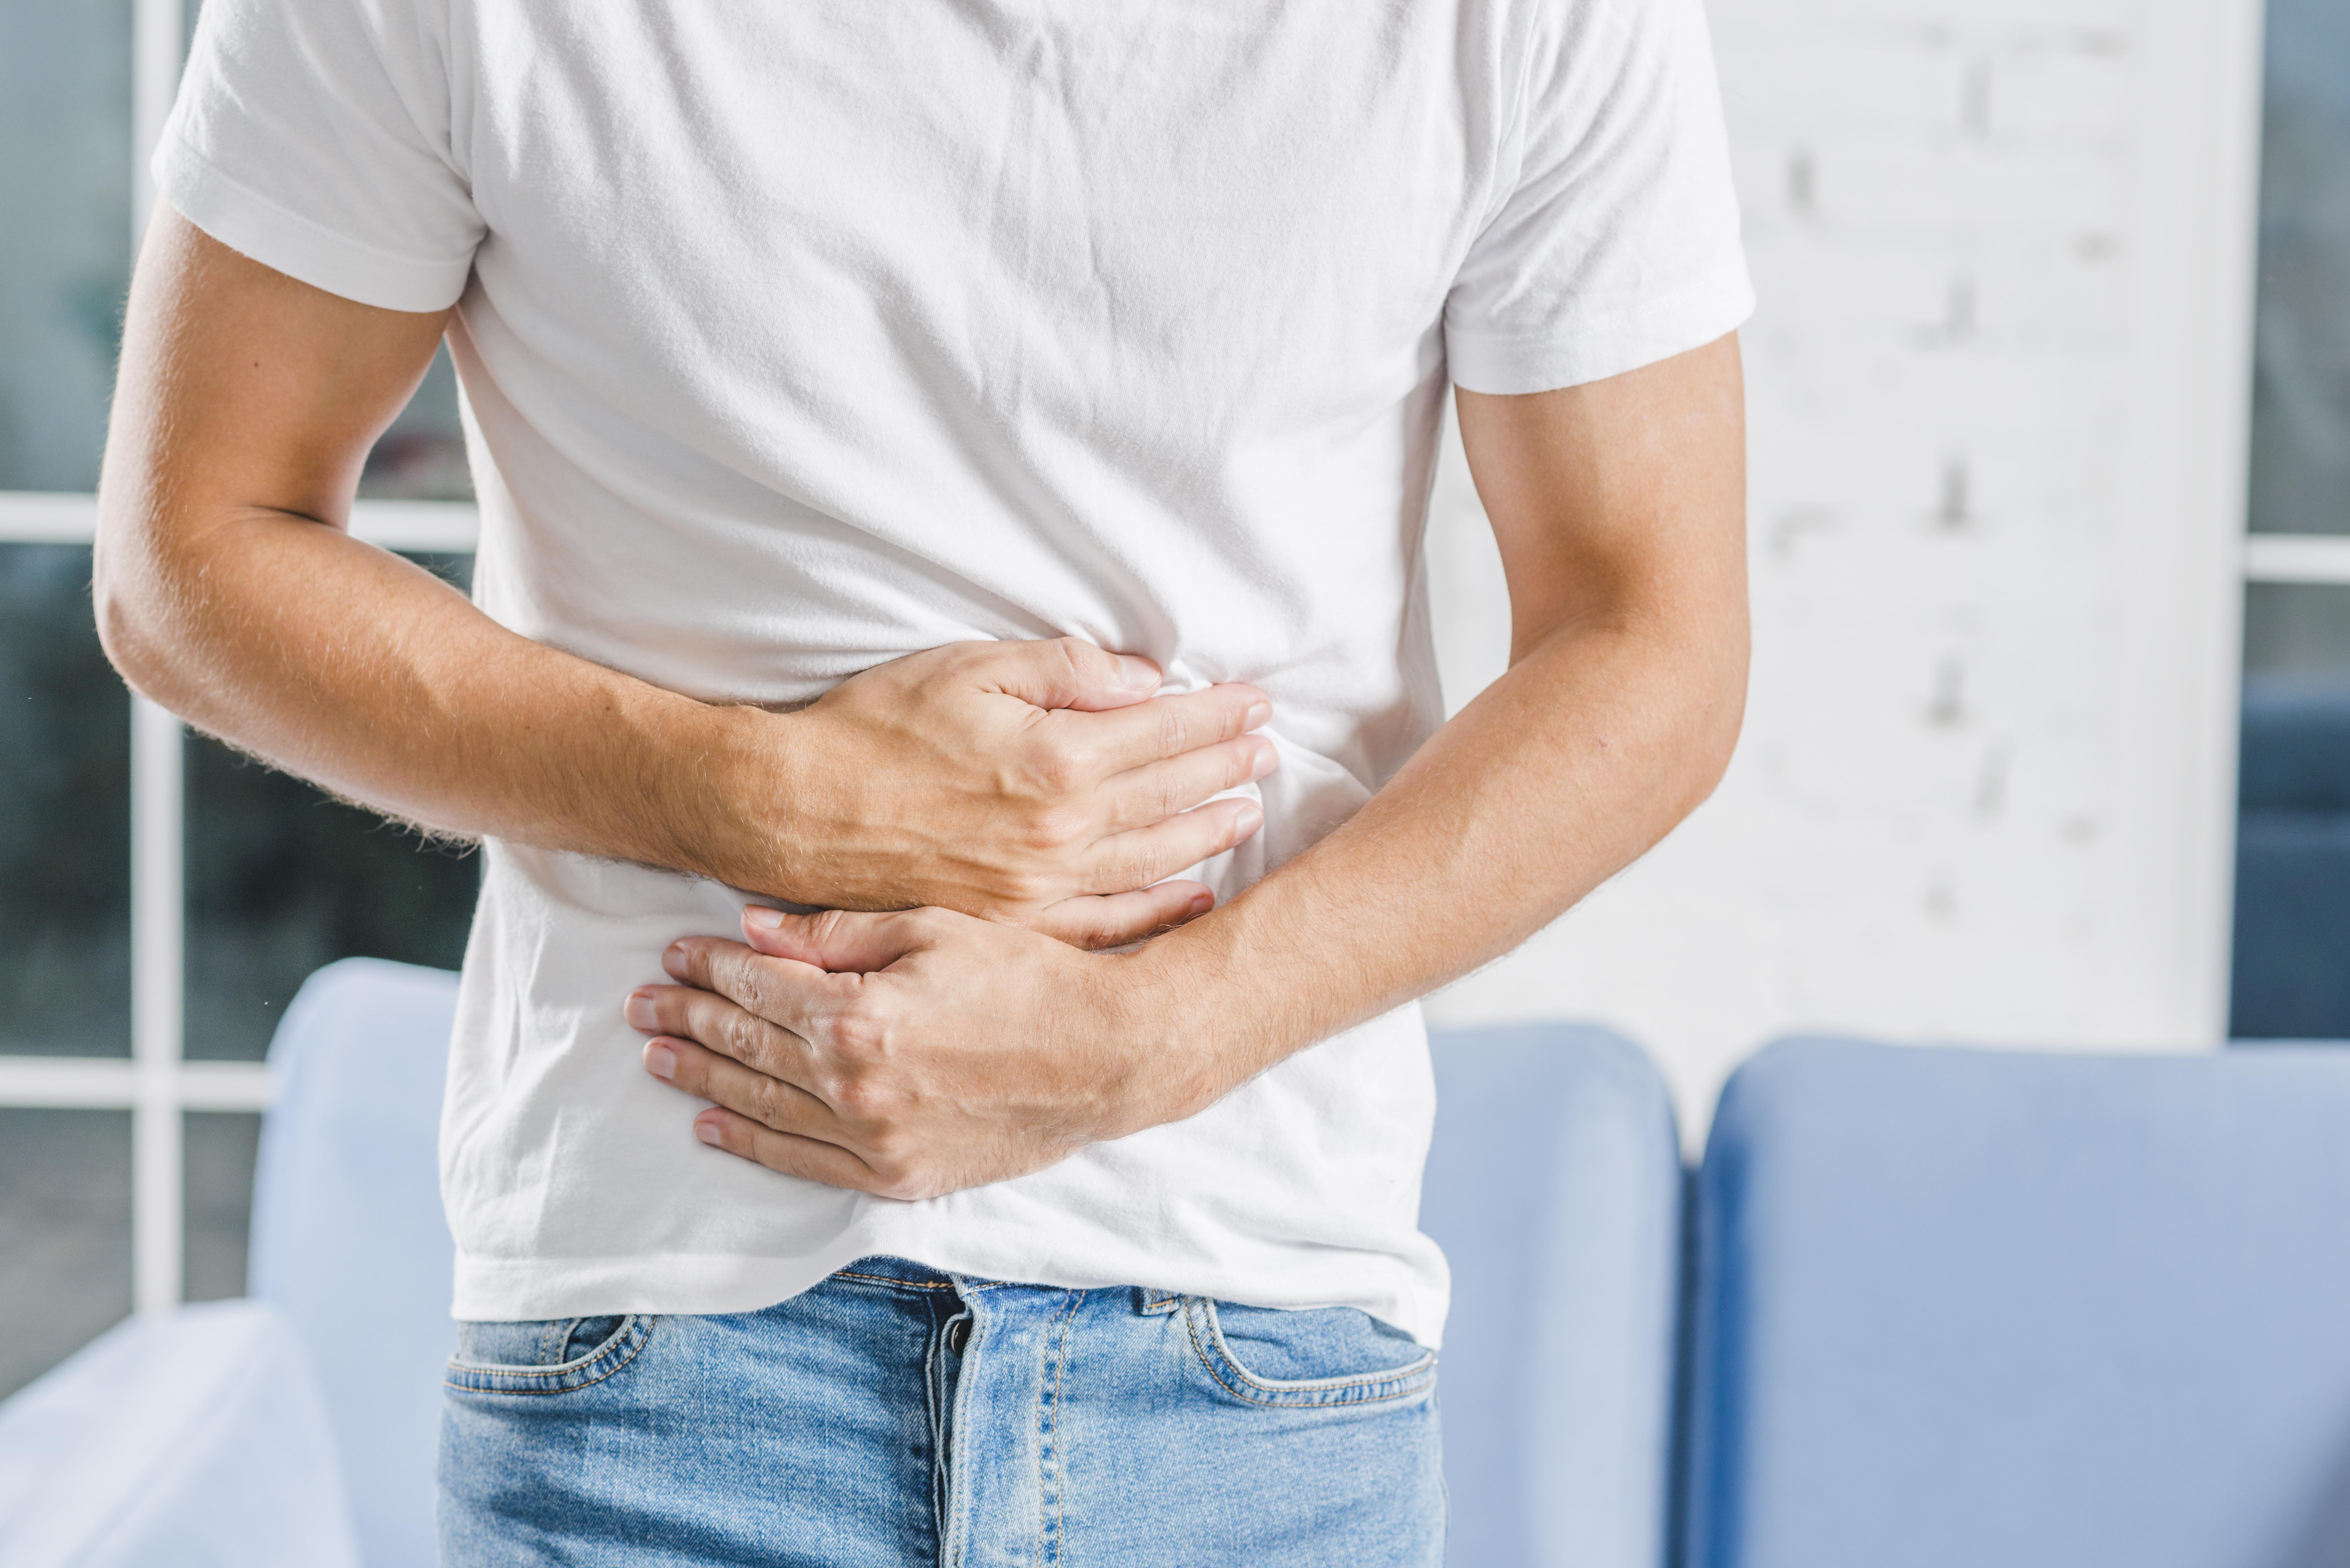 Homem com dor devido pedra nos rins